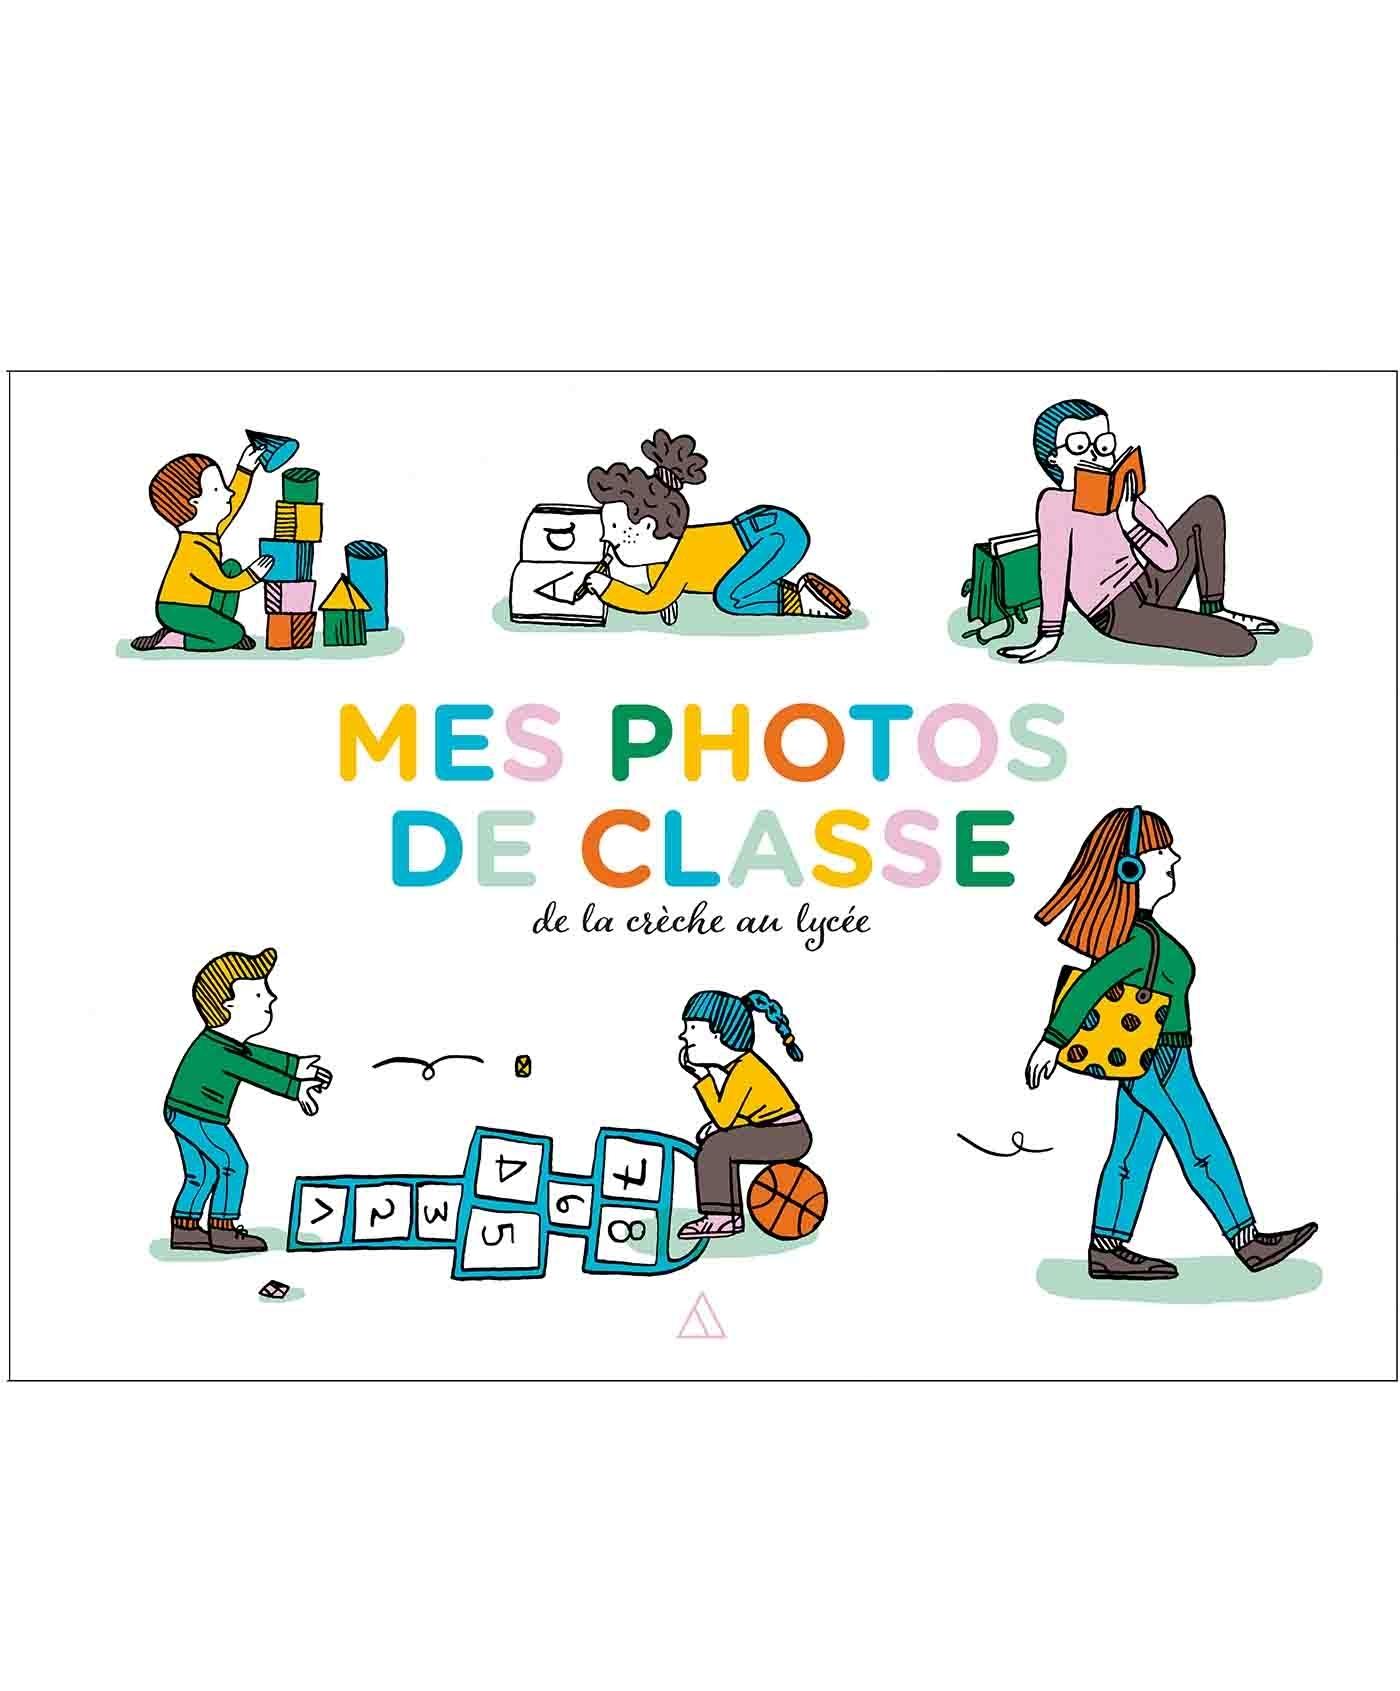 PHOTOS DE CLASSE - DE LA CRECHE AU LYCEE